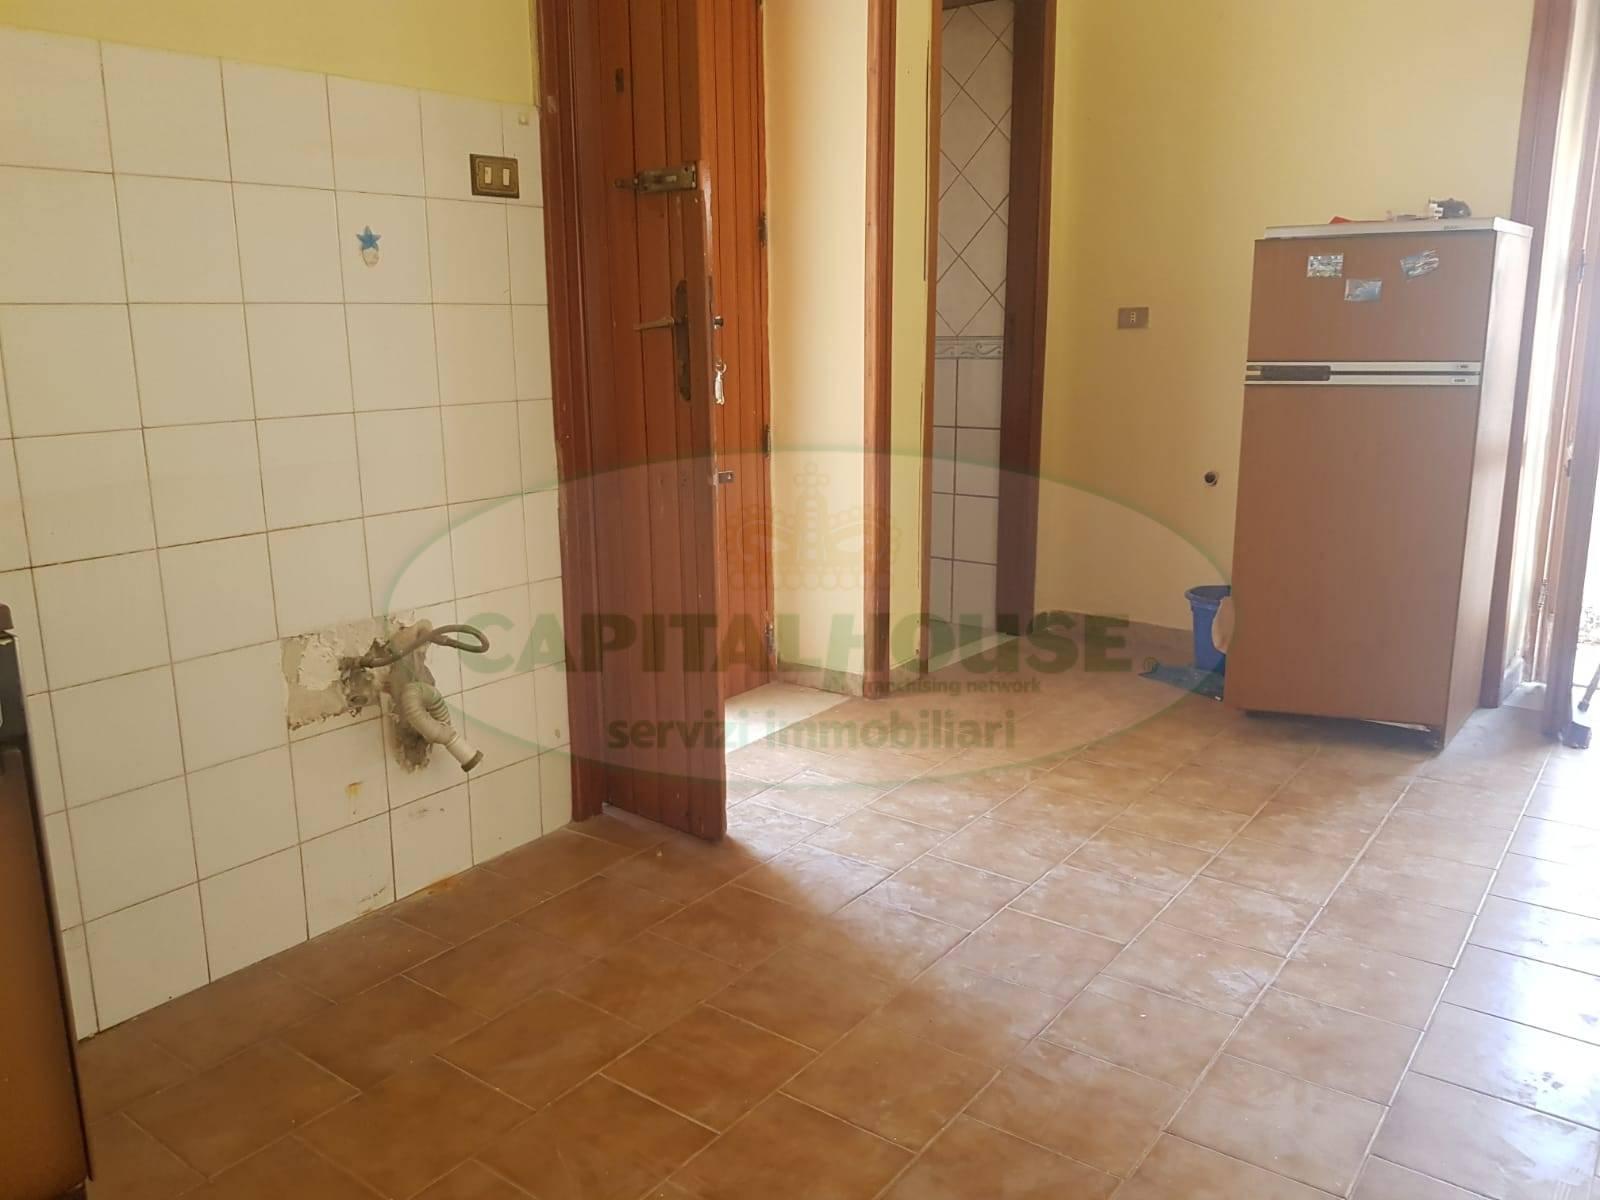 Soluzione Semindipendente in vendita a Cicciano, 2 locali, prezzo € 40.000 | CambioCasa.it